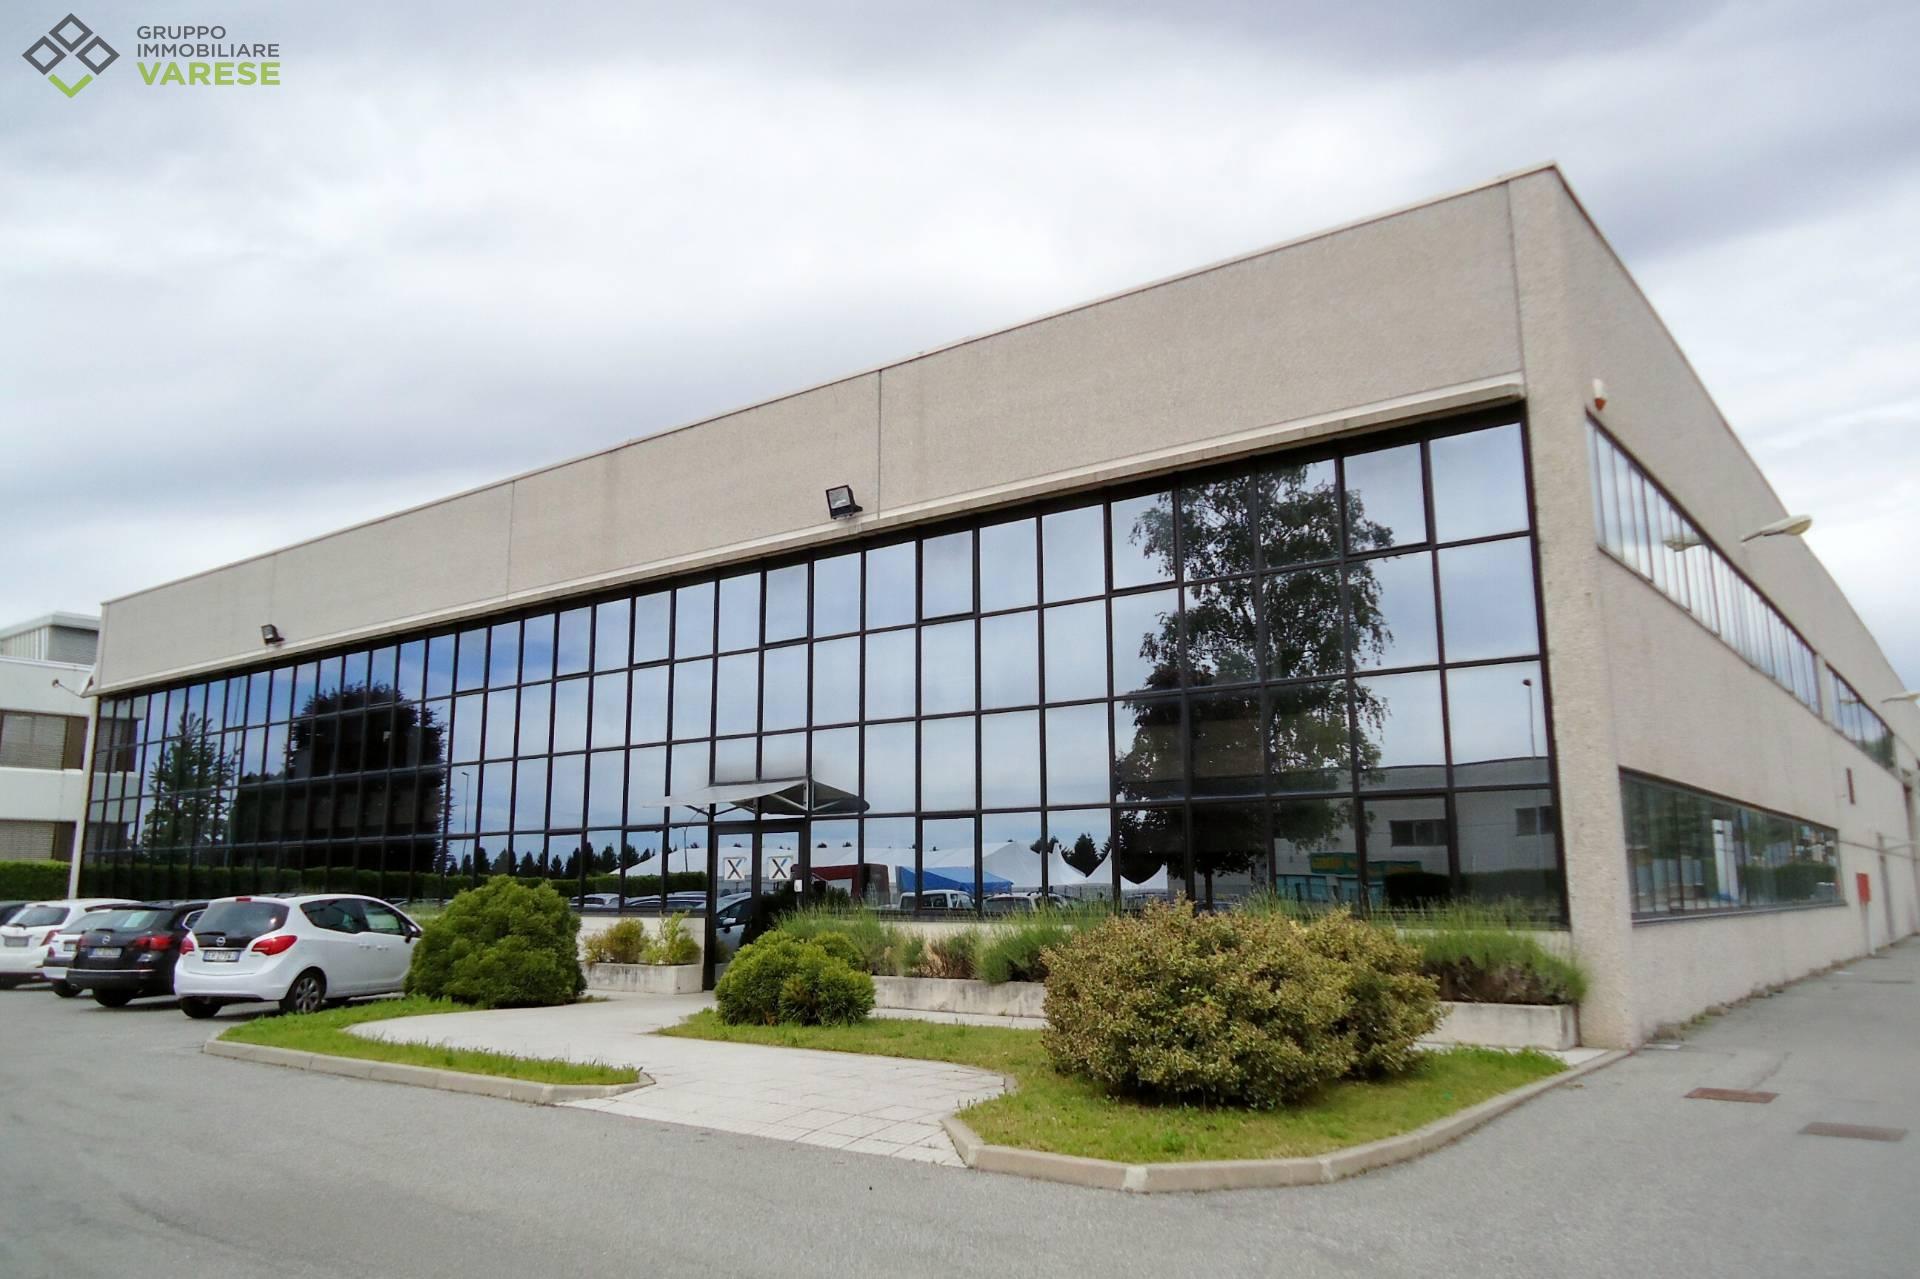 Ufficio / Studio in affitto a Malnate, 9999 locali, zona Zona: Gurone, prezzo € 3.900 | CambioCasa.it